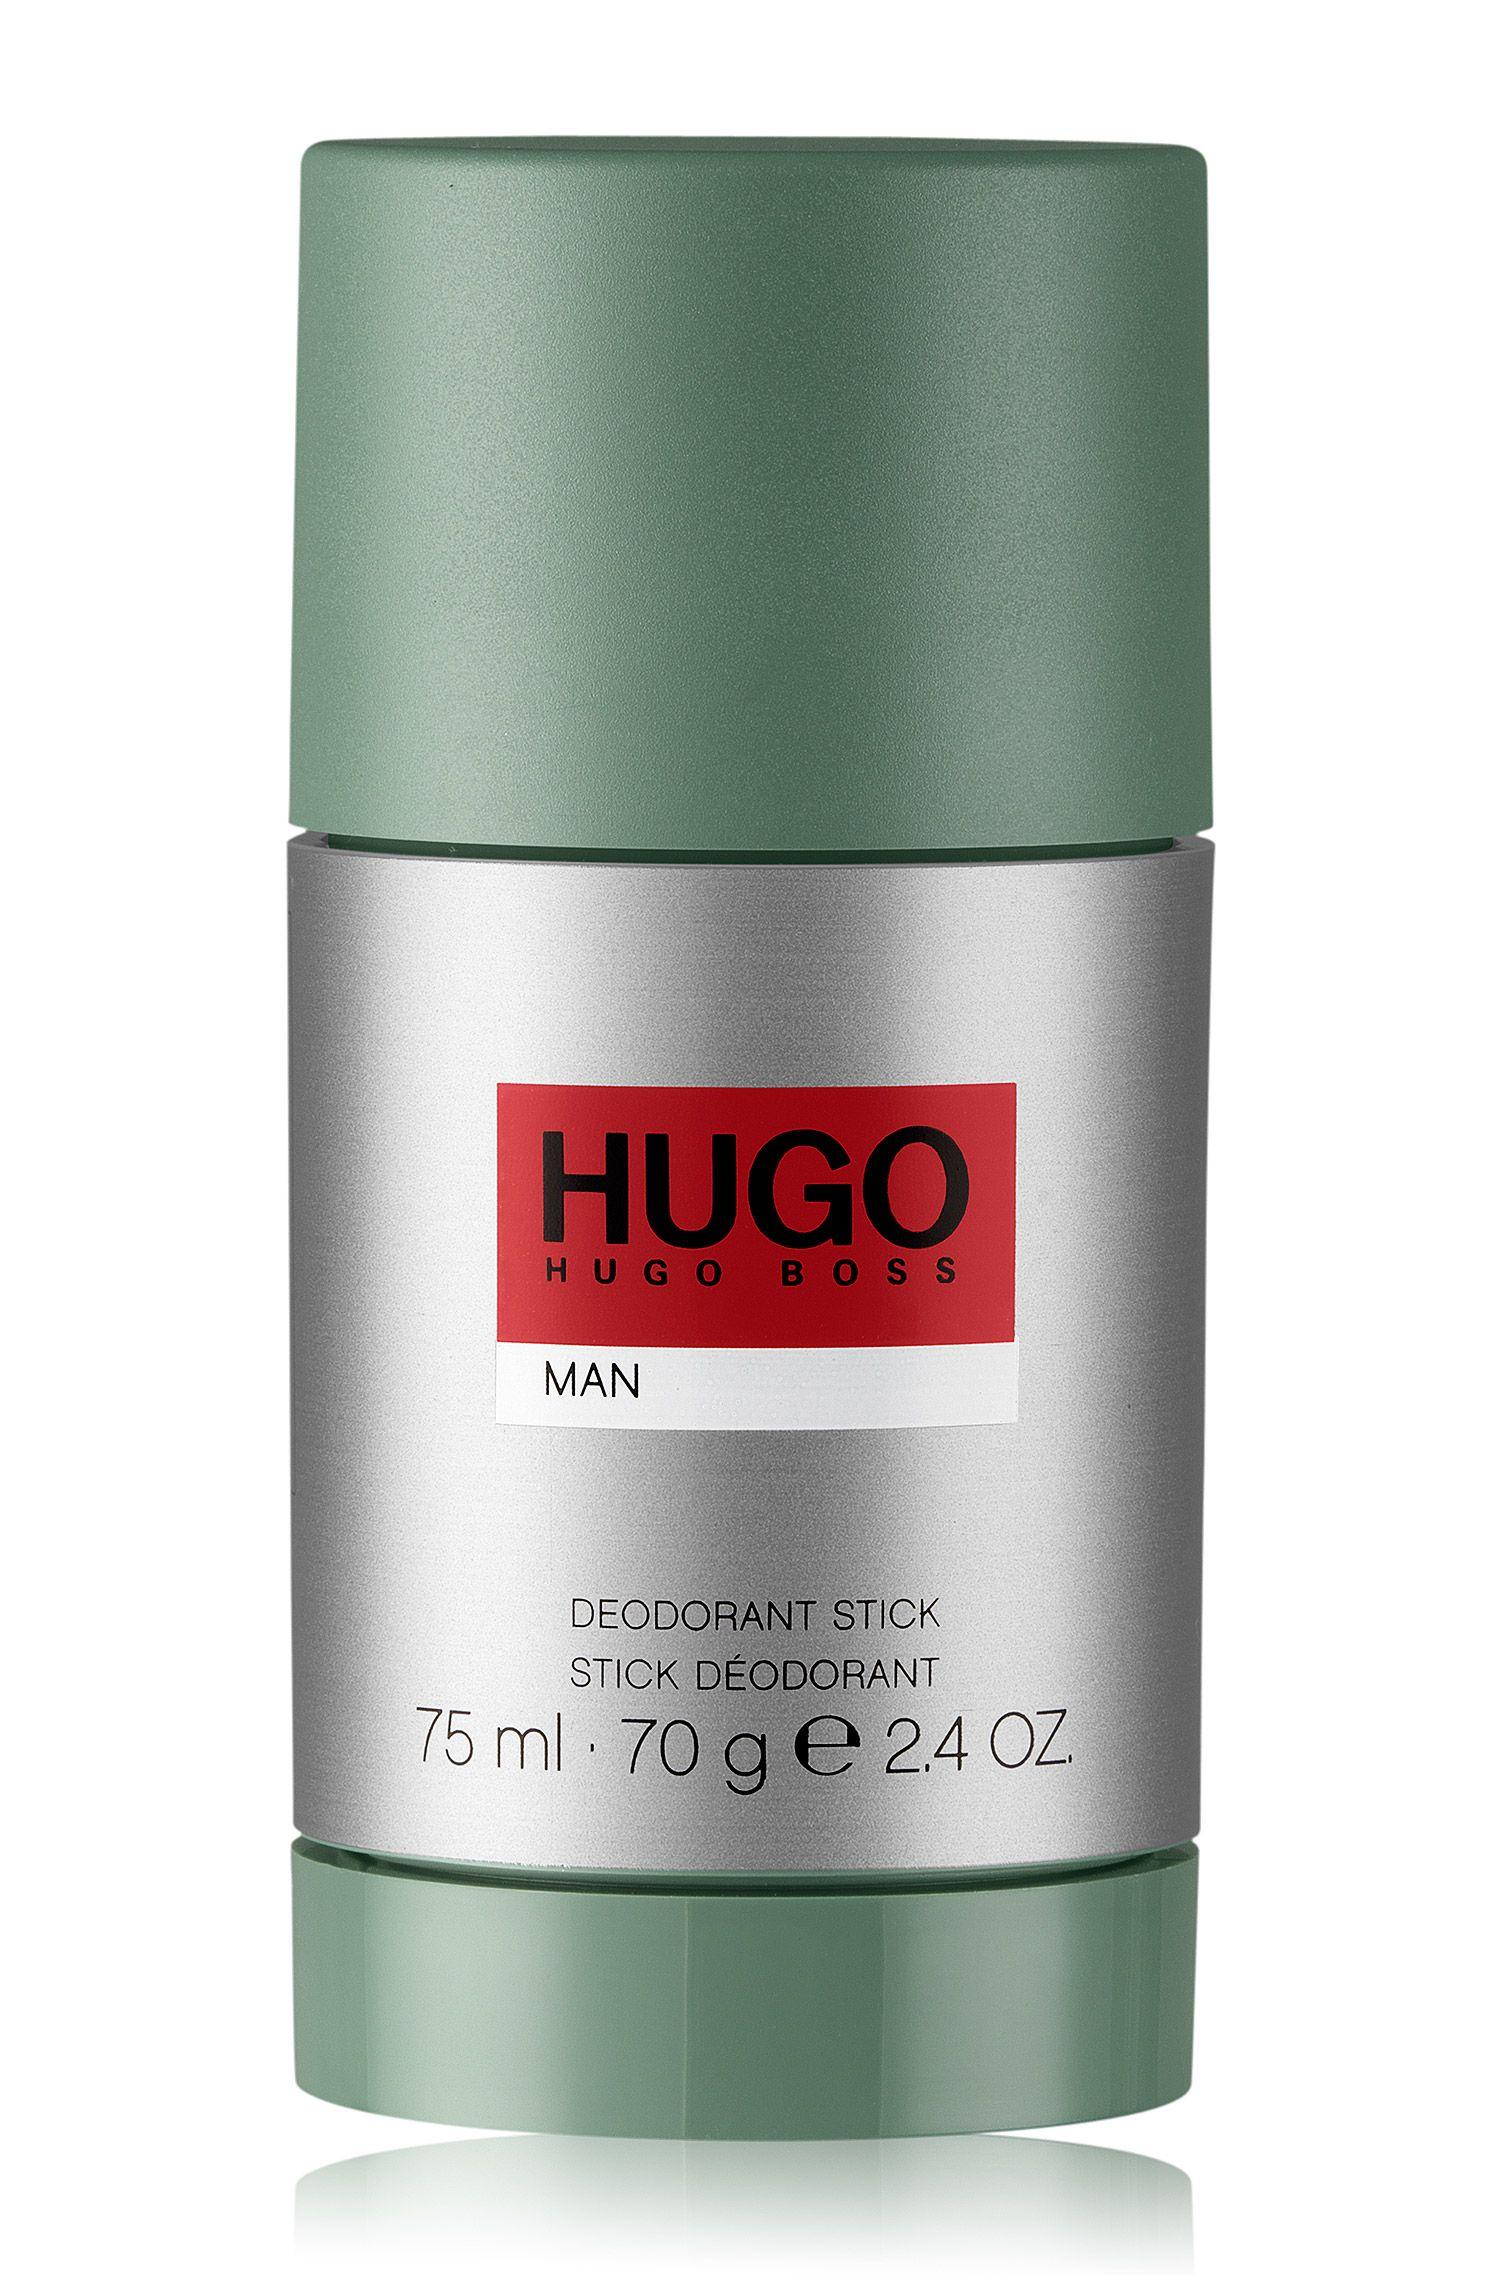 HUGO Man Deostick 75ml